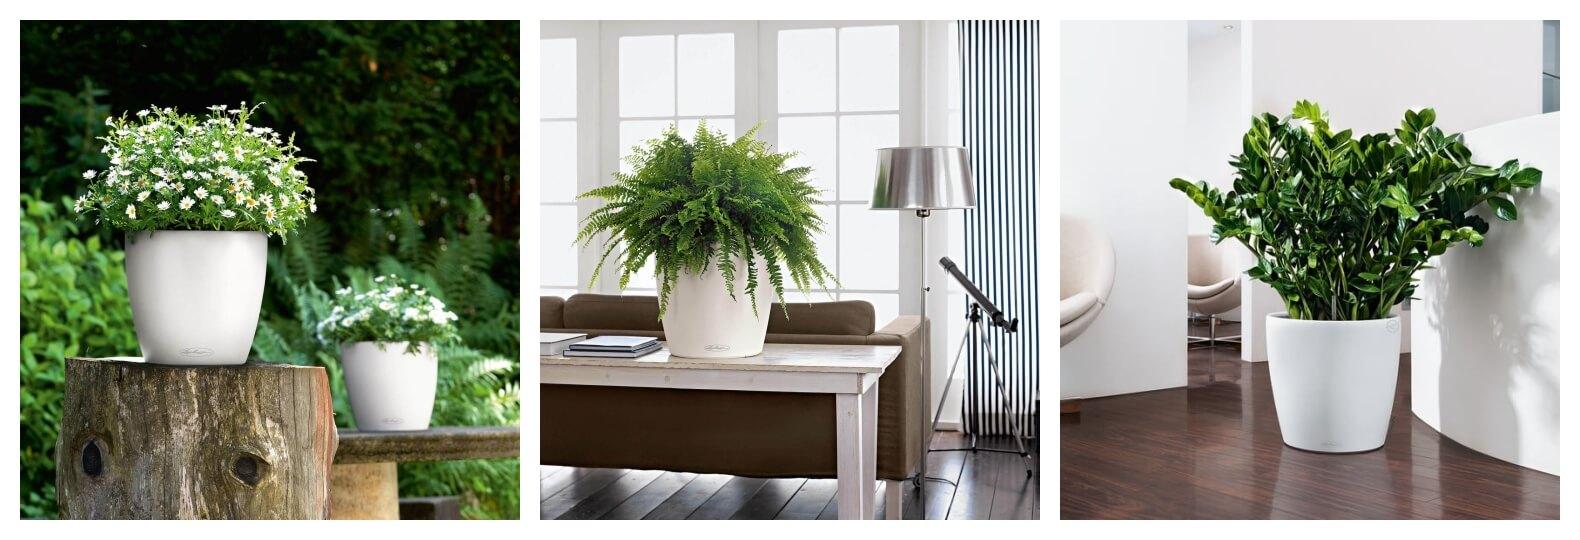 Masz Dość Usychających Roślin Doniczka Samonawadniajaca Classico Color Działa Cuda